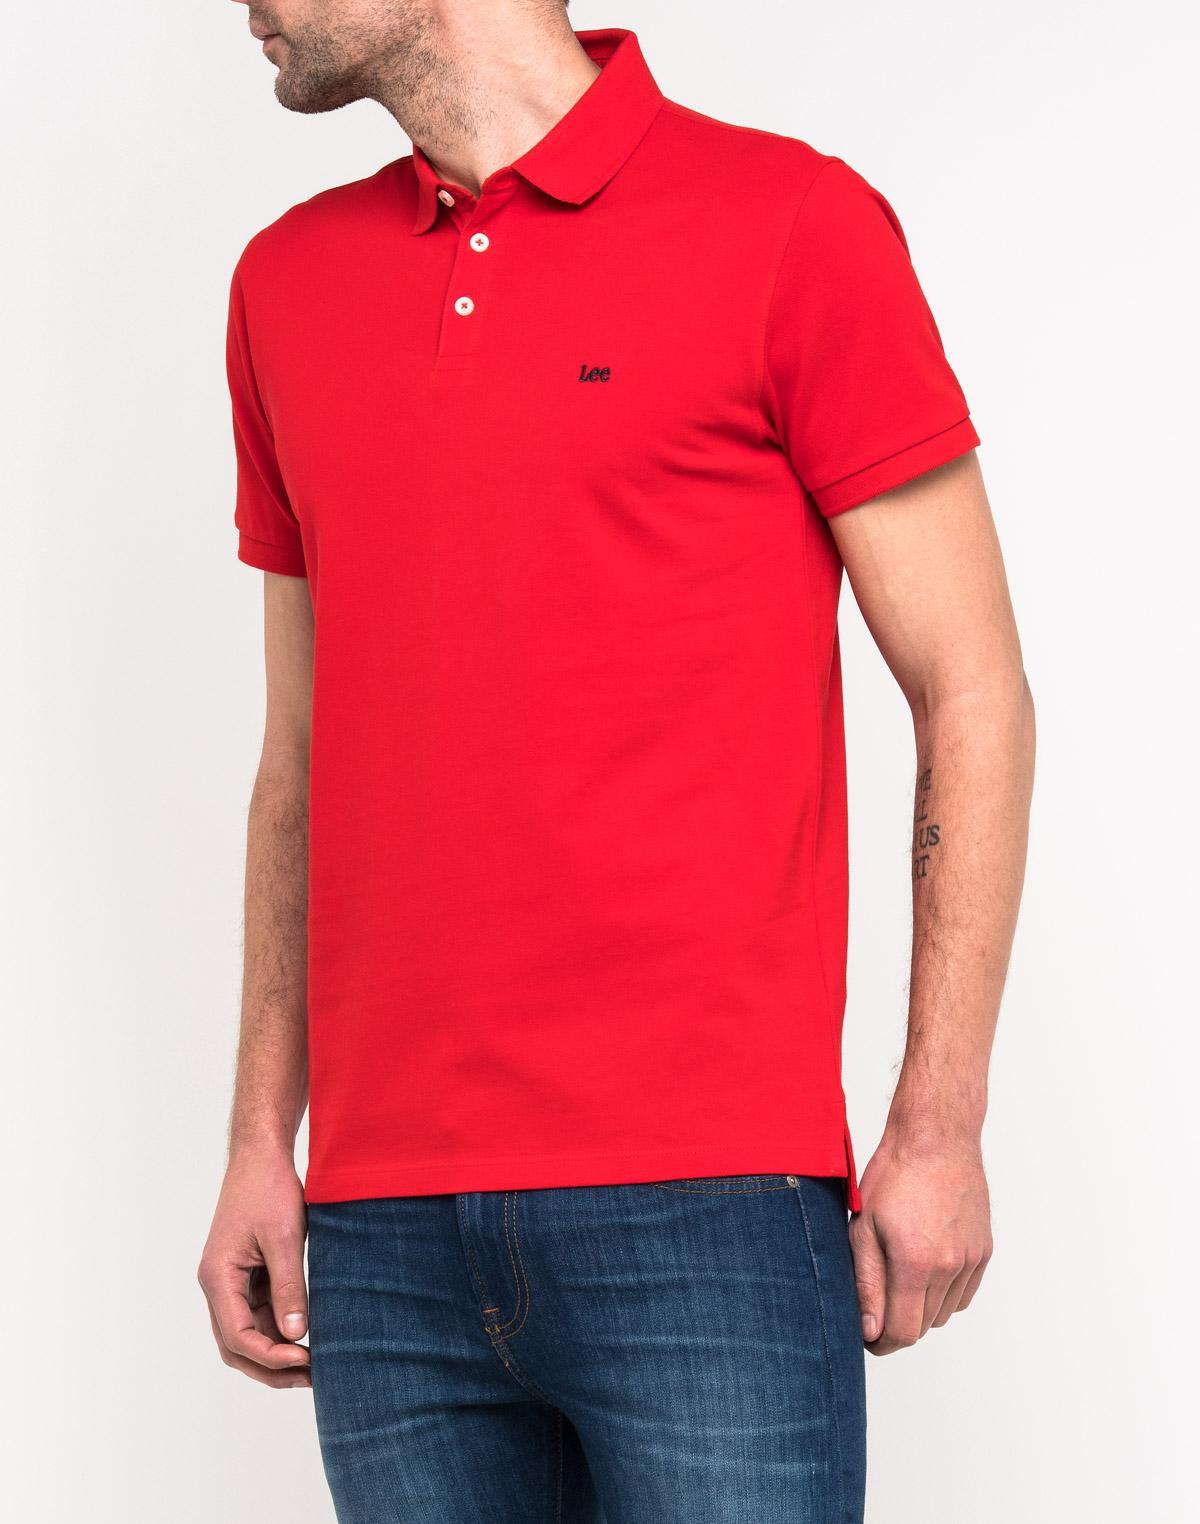 Поло мужское Lee, цвет: красный. L62XRLEF. Размер L (50)L62XRLEFСтильная мужская футболка-поло Lee, выполненная из натурального хлопка, обладает высокой теплопроводностью, воздухопроницаемостью и гигроскопичностью, позволяет коже дышать. Модель с короткими рукавами и отложным воротником сверху застегивается на три пуговицы. По бокам предусмотрены небольшие разрезы. На груди изделие оформлено вышитым названием бренда. Классический покрой, лаконичный дизайн, безукоризненное качество. В такой футболке вы будете чувствовать себя уверенно и комфортно.